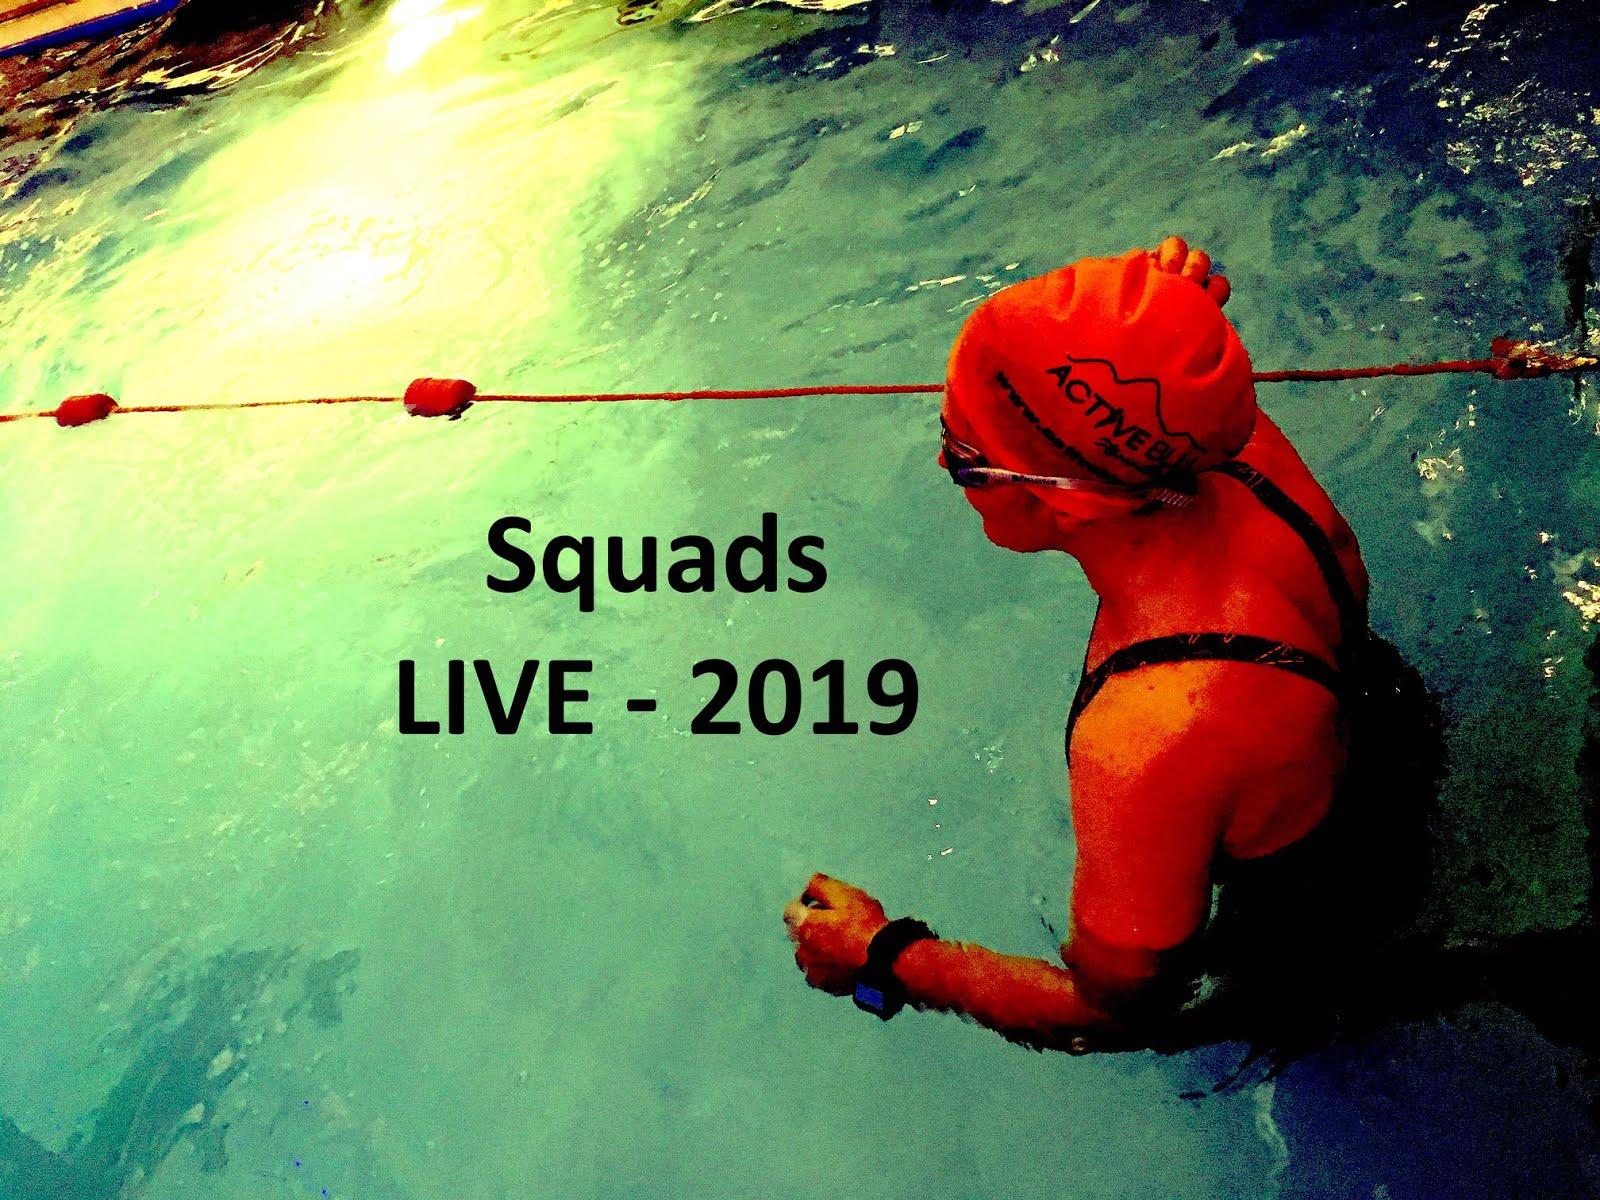 Squads Live 2019